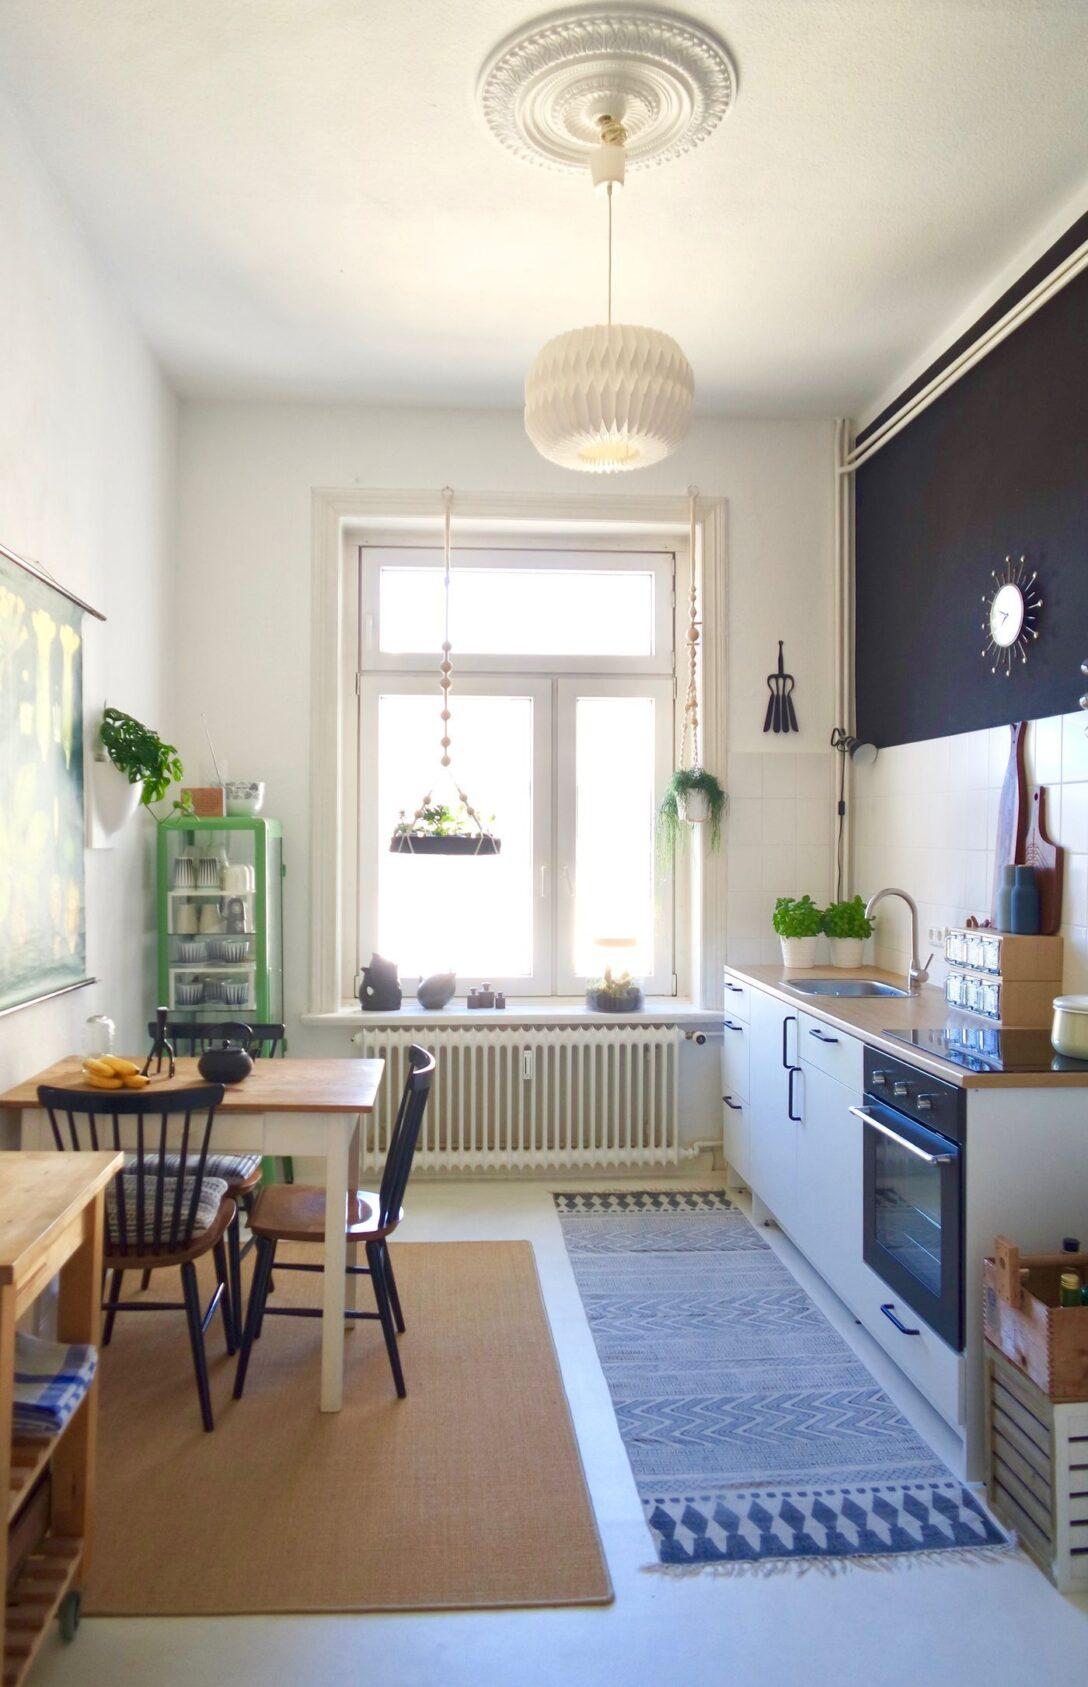 Large Size of Weiße Küche Wandfarbe Schne Ideen Fr In Der Kche Weißes Schlafzimmer Hängeschrank Teppich Für Ebay Einbauküche Eckschrank Modulare Mit E Geräten Wohnzimmer Weiße Küche Wandfarbe